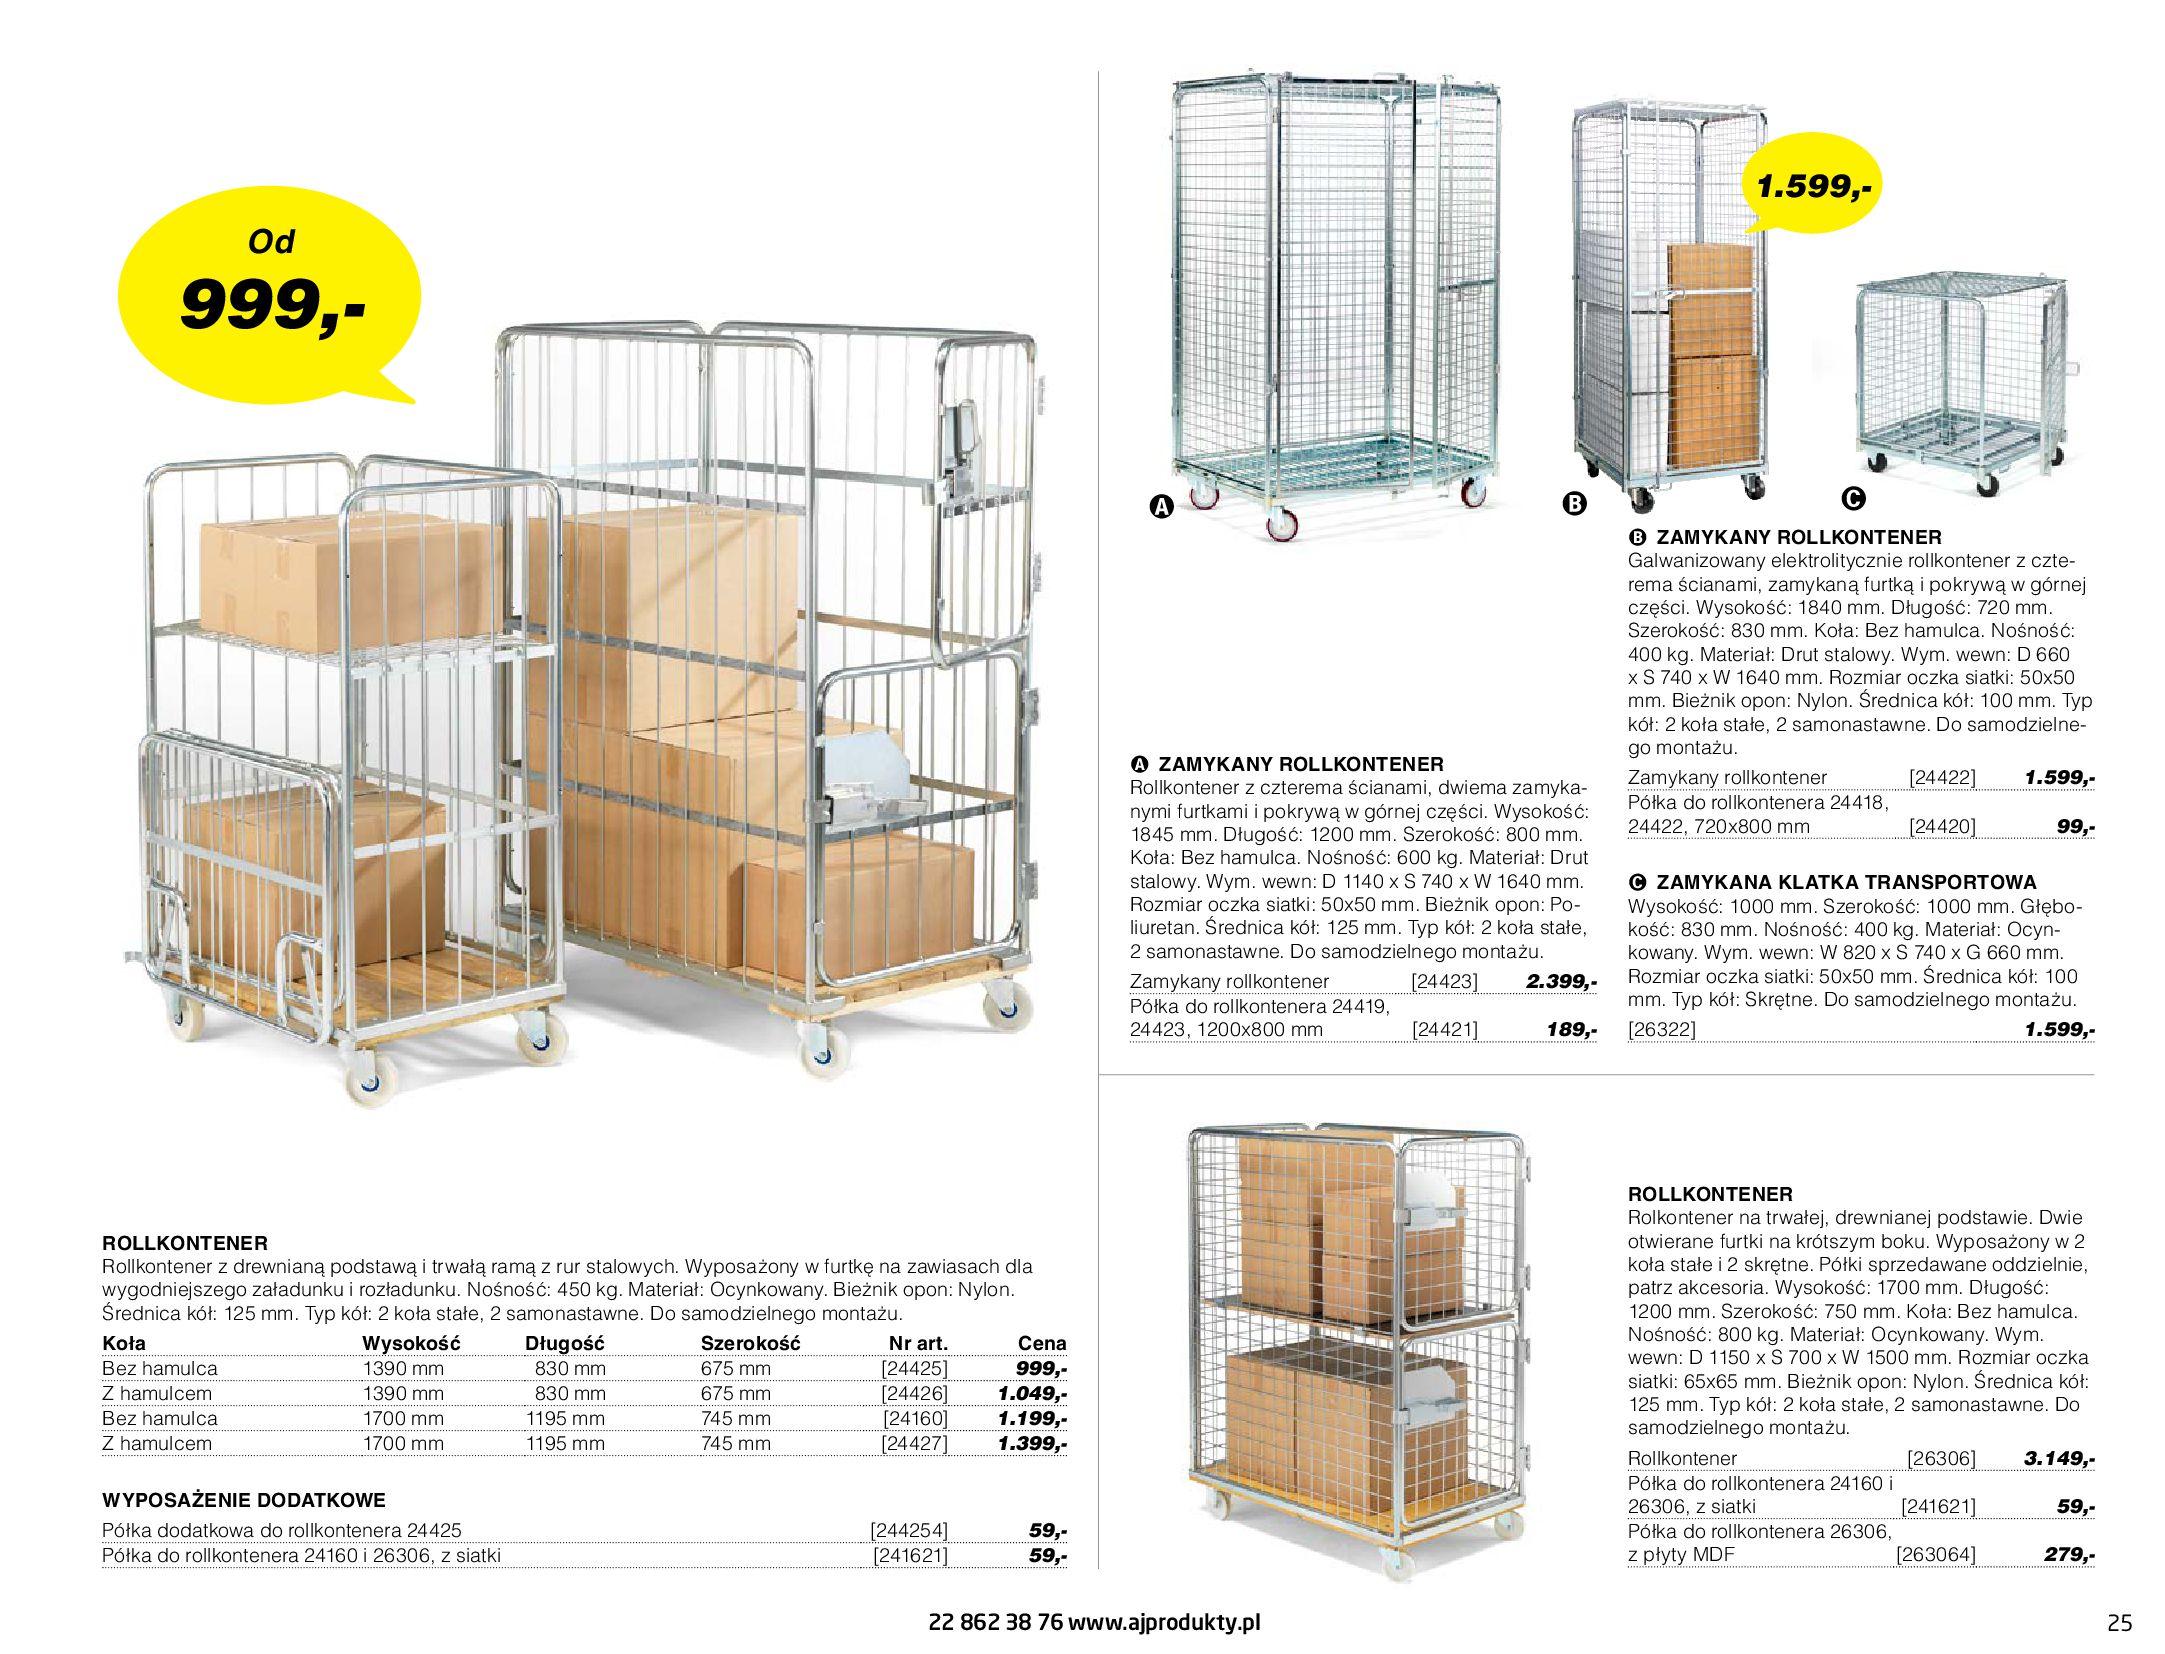 Gazetka AJ Produkty: Gazetka AJ Produkty - katalog przemysł i warsztat 2021-05-07 page-25